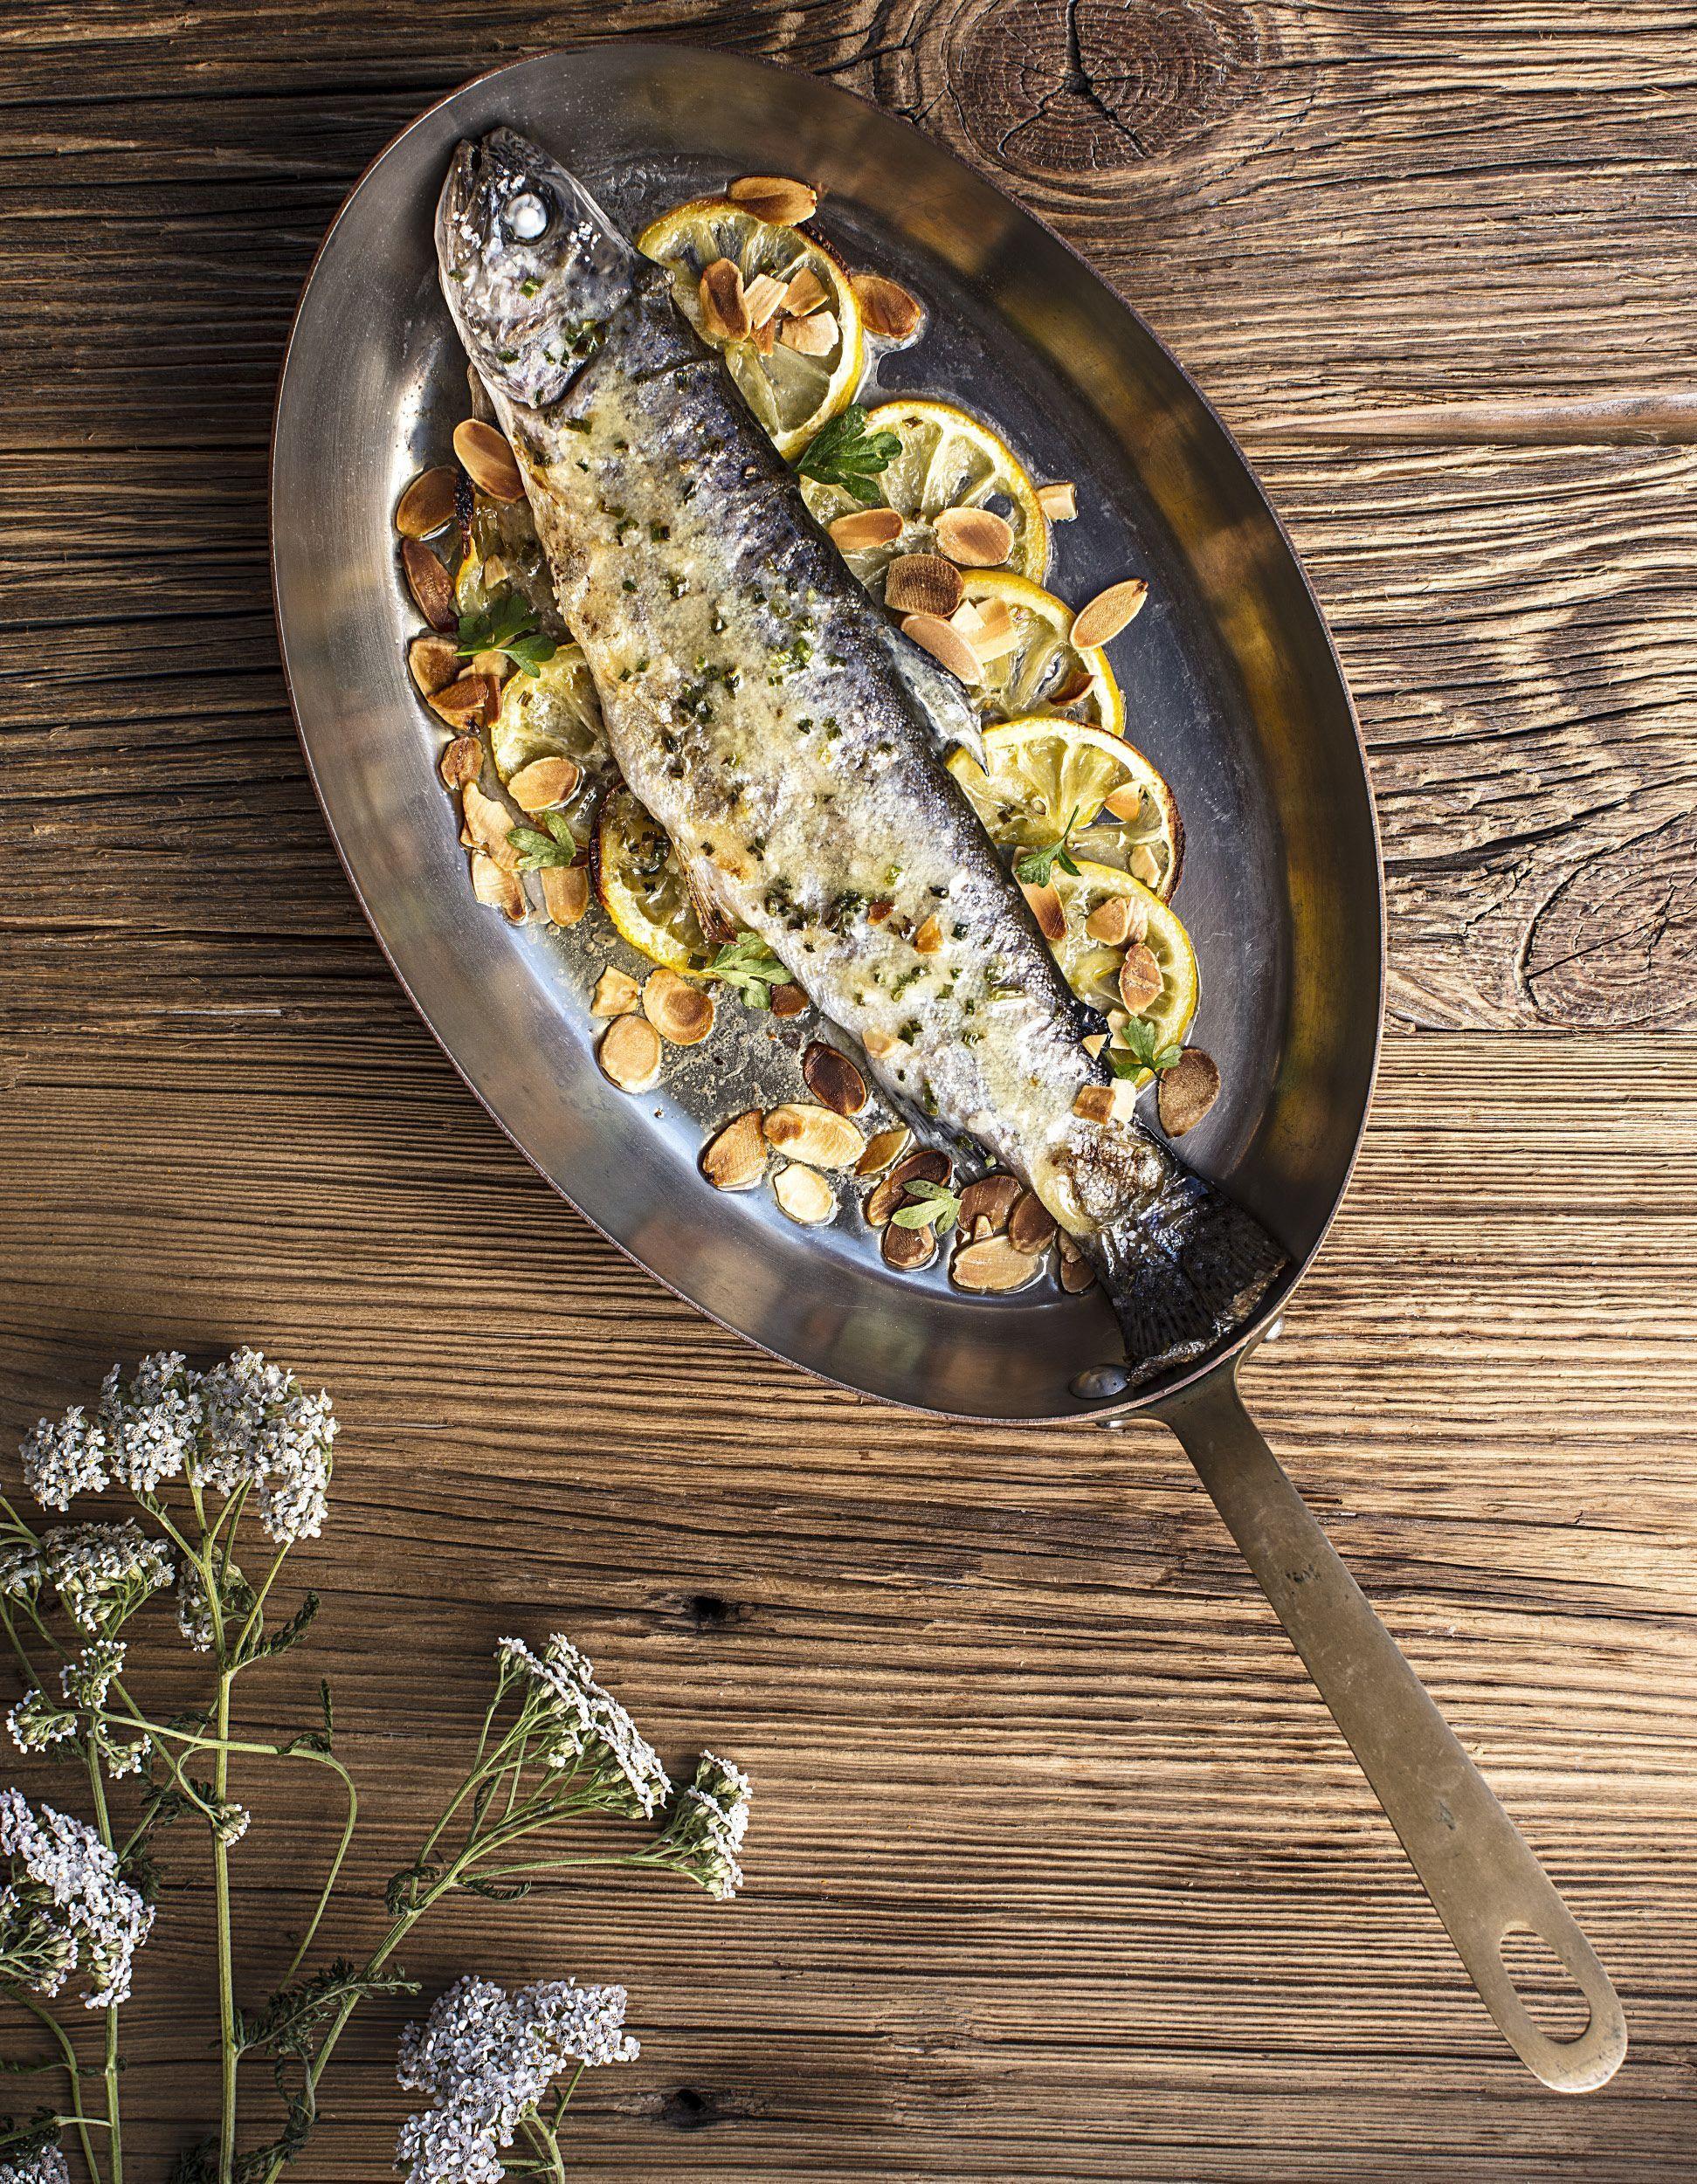 Truite fario cuite enti re au four beurre frais pour 4 for Cuisine entiere